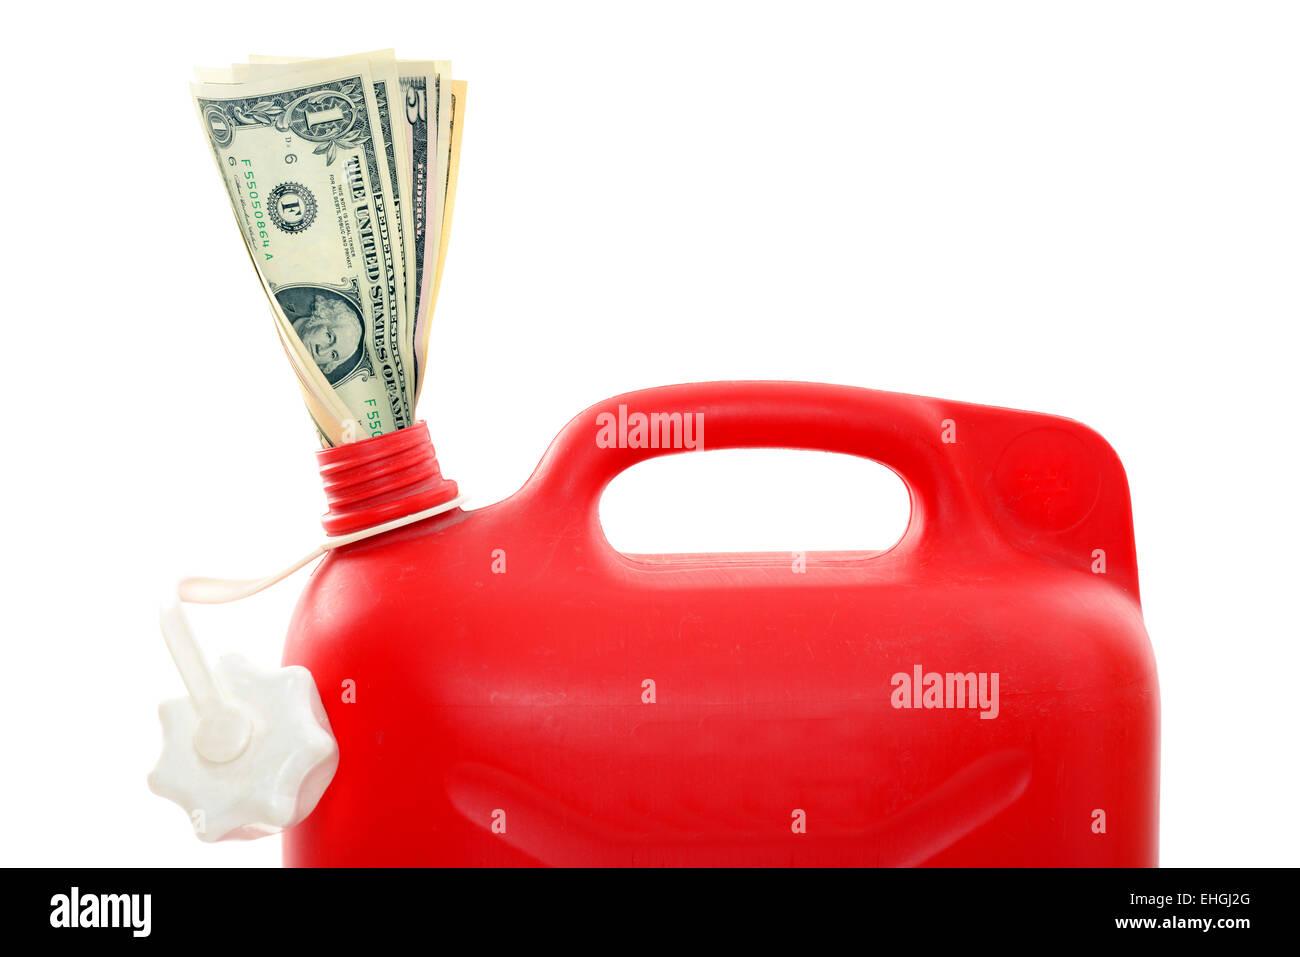 Teures Benzin / Expensive gasoline Stock Photo